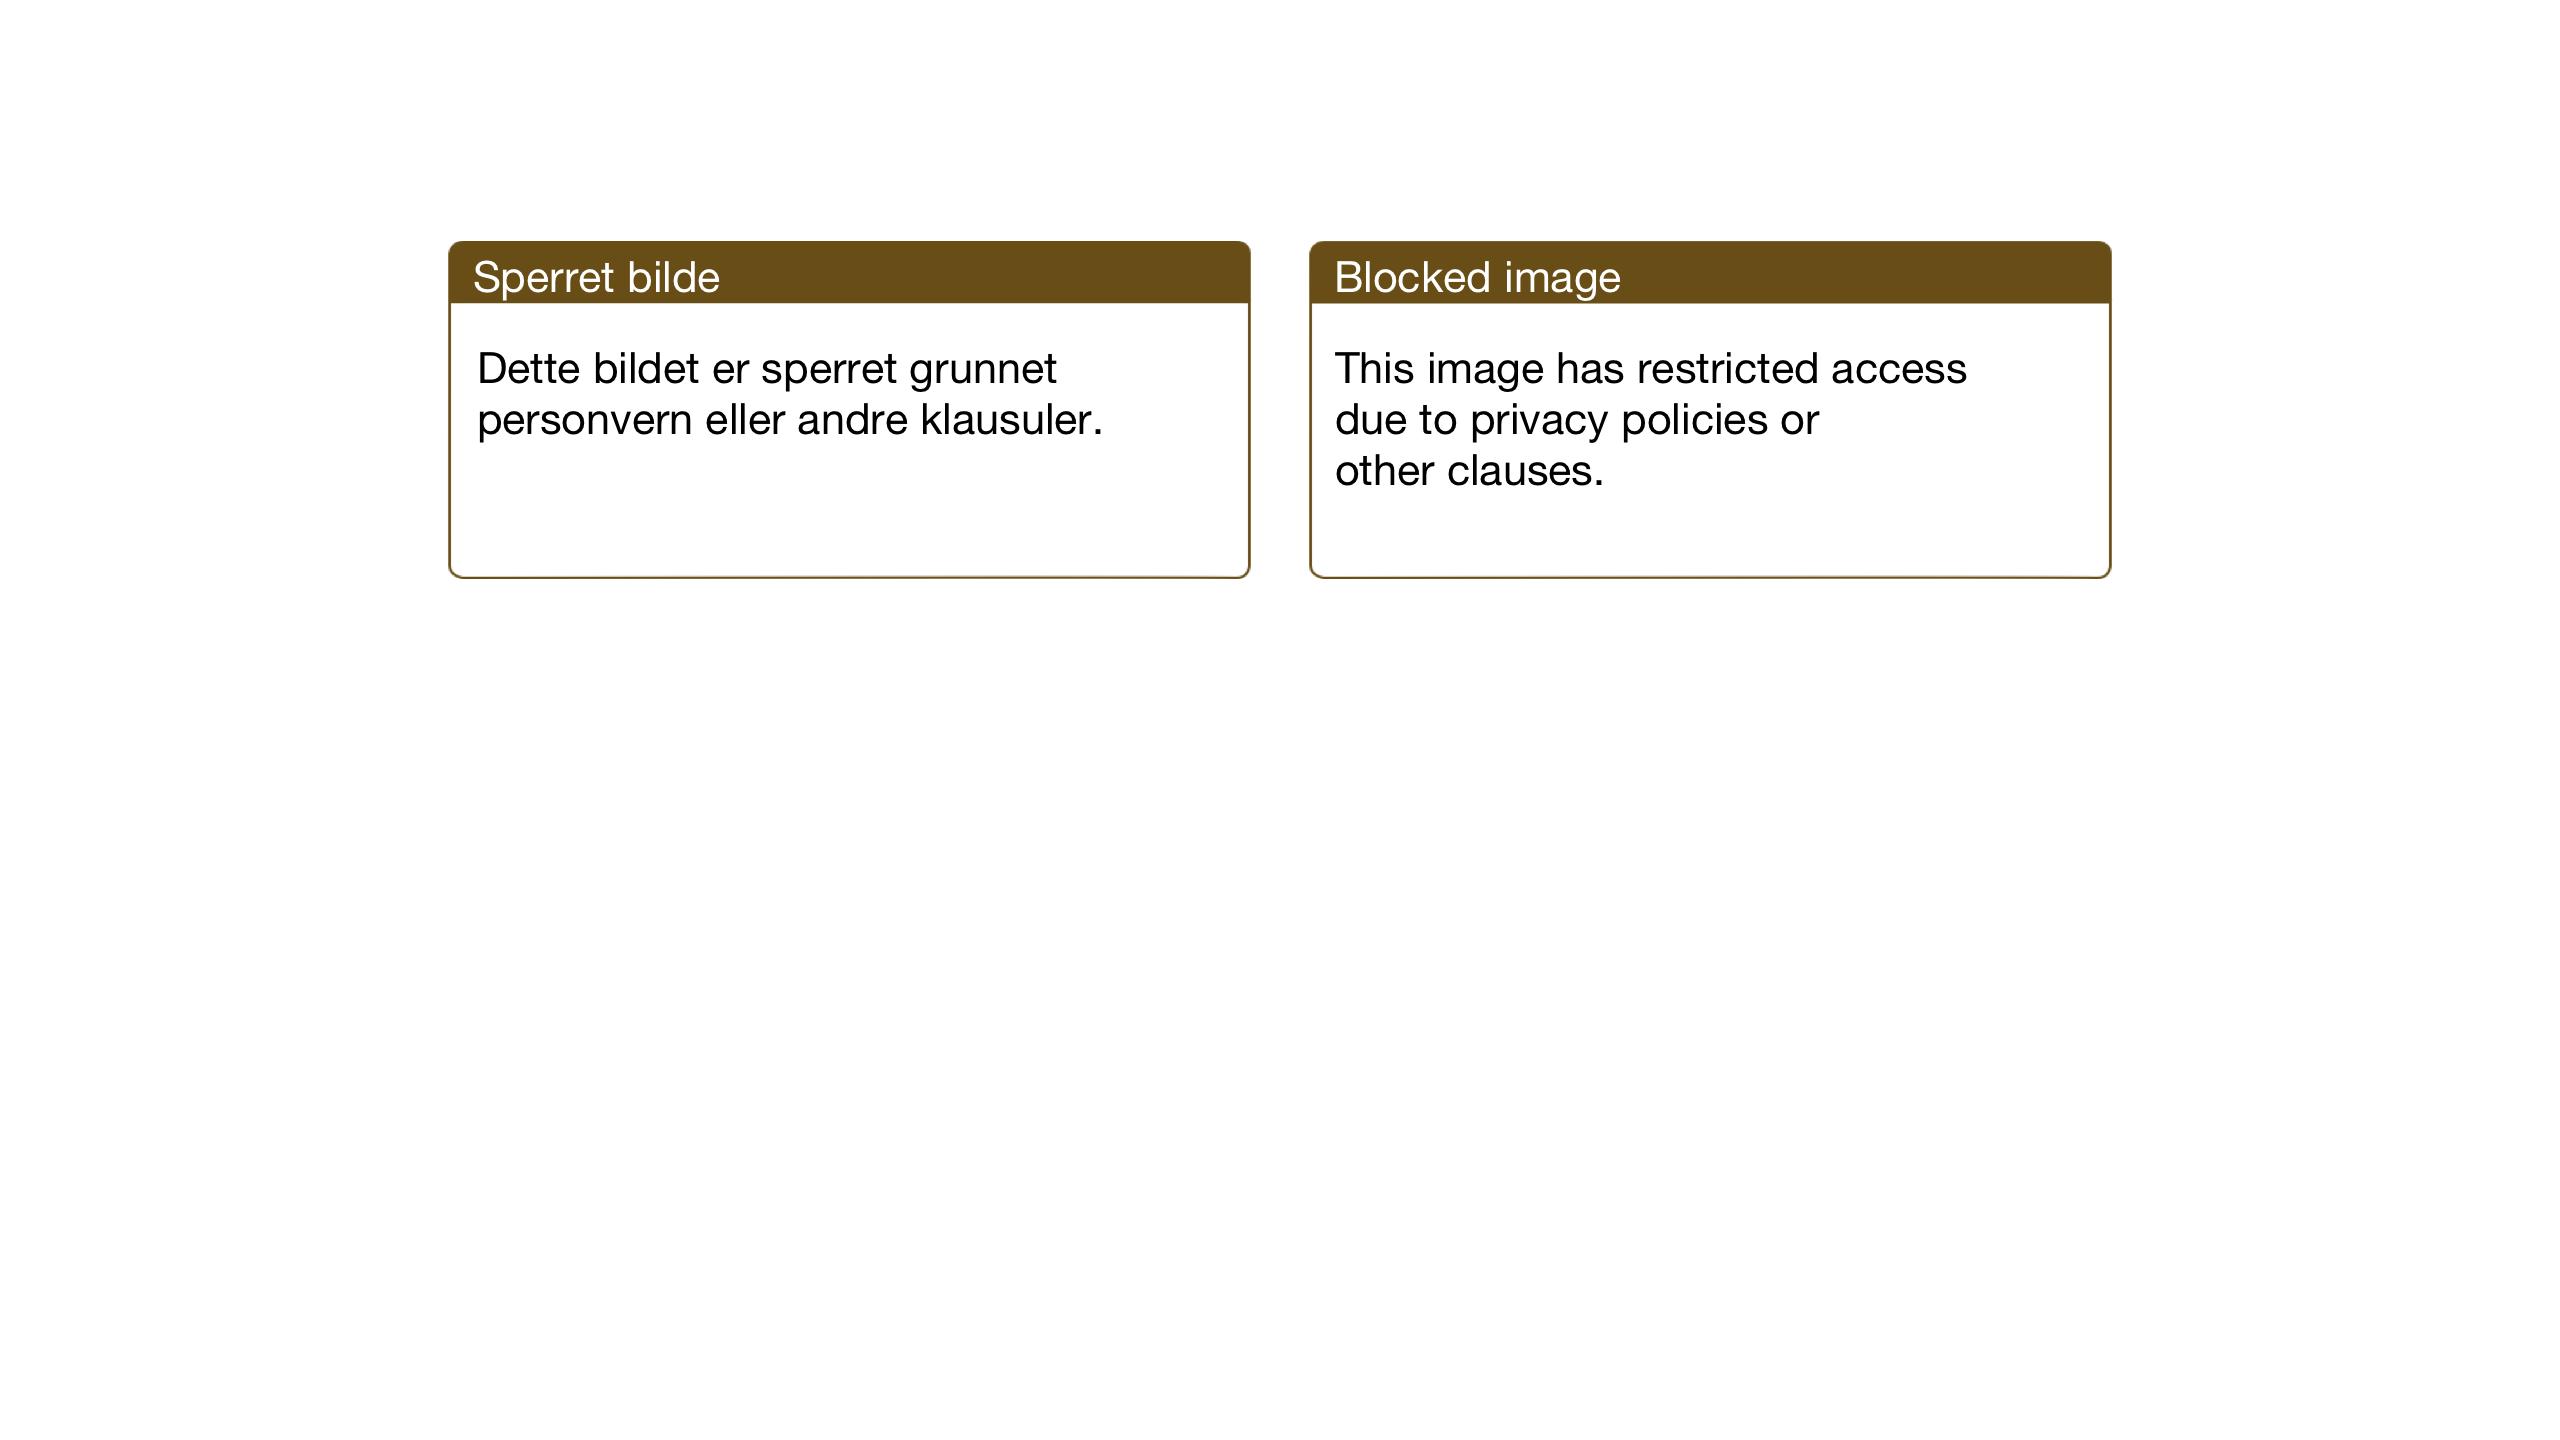 SAT, Ministerialprotokoller, klokkerbøker og fødselsregistre - Nord-Trøndelag, 746/L0456: Klokkerbok nr. 746C02, 1936-1948, s. 81